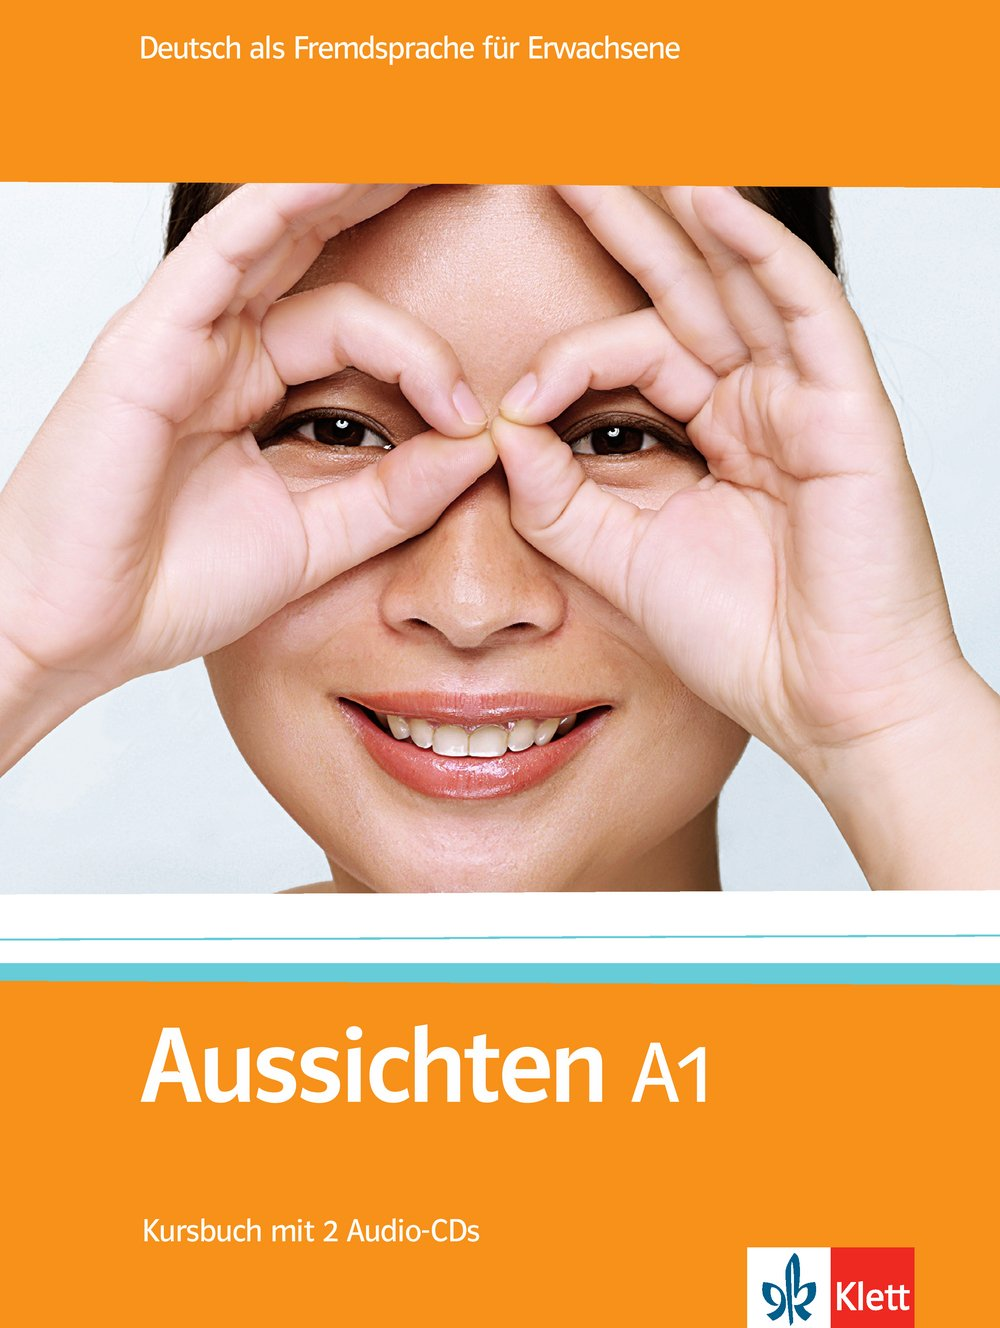 Aussichten-Paket A1: Deutsch als Fremdsprache für Erwachsene. Kursbuch + 2 Audio-CDs, Arbeitsbuch + Audio-CD + DVD, Intensivtrainer